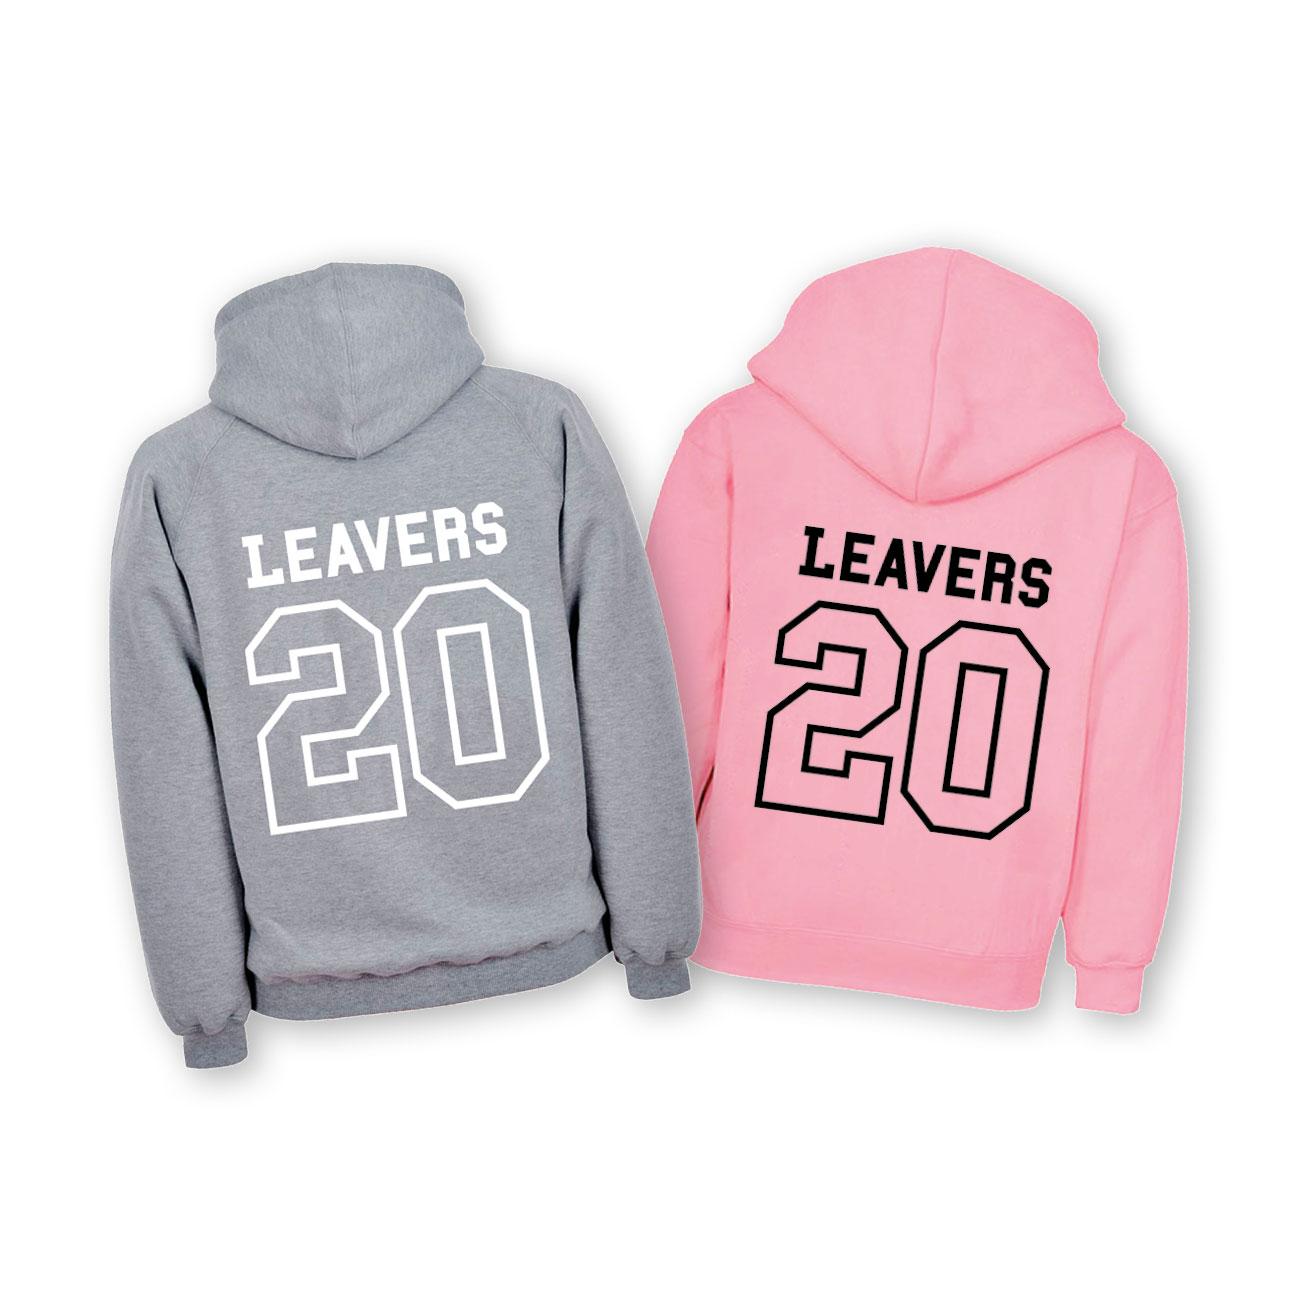 Leavers Hoodie in grey or pink